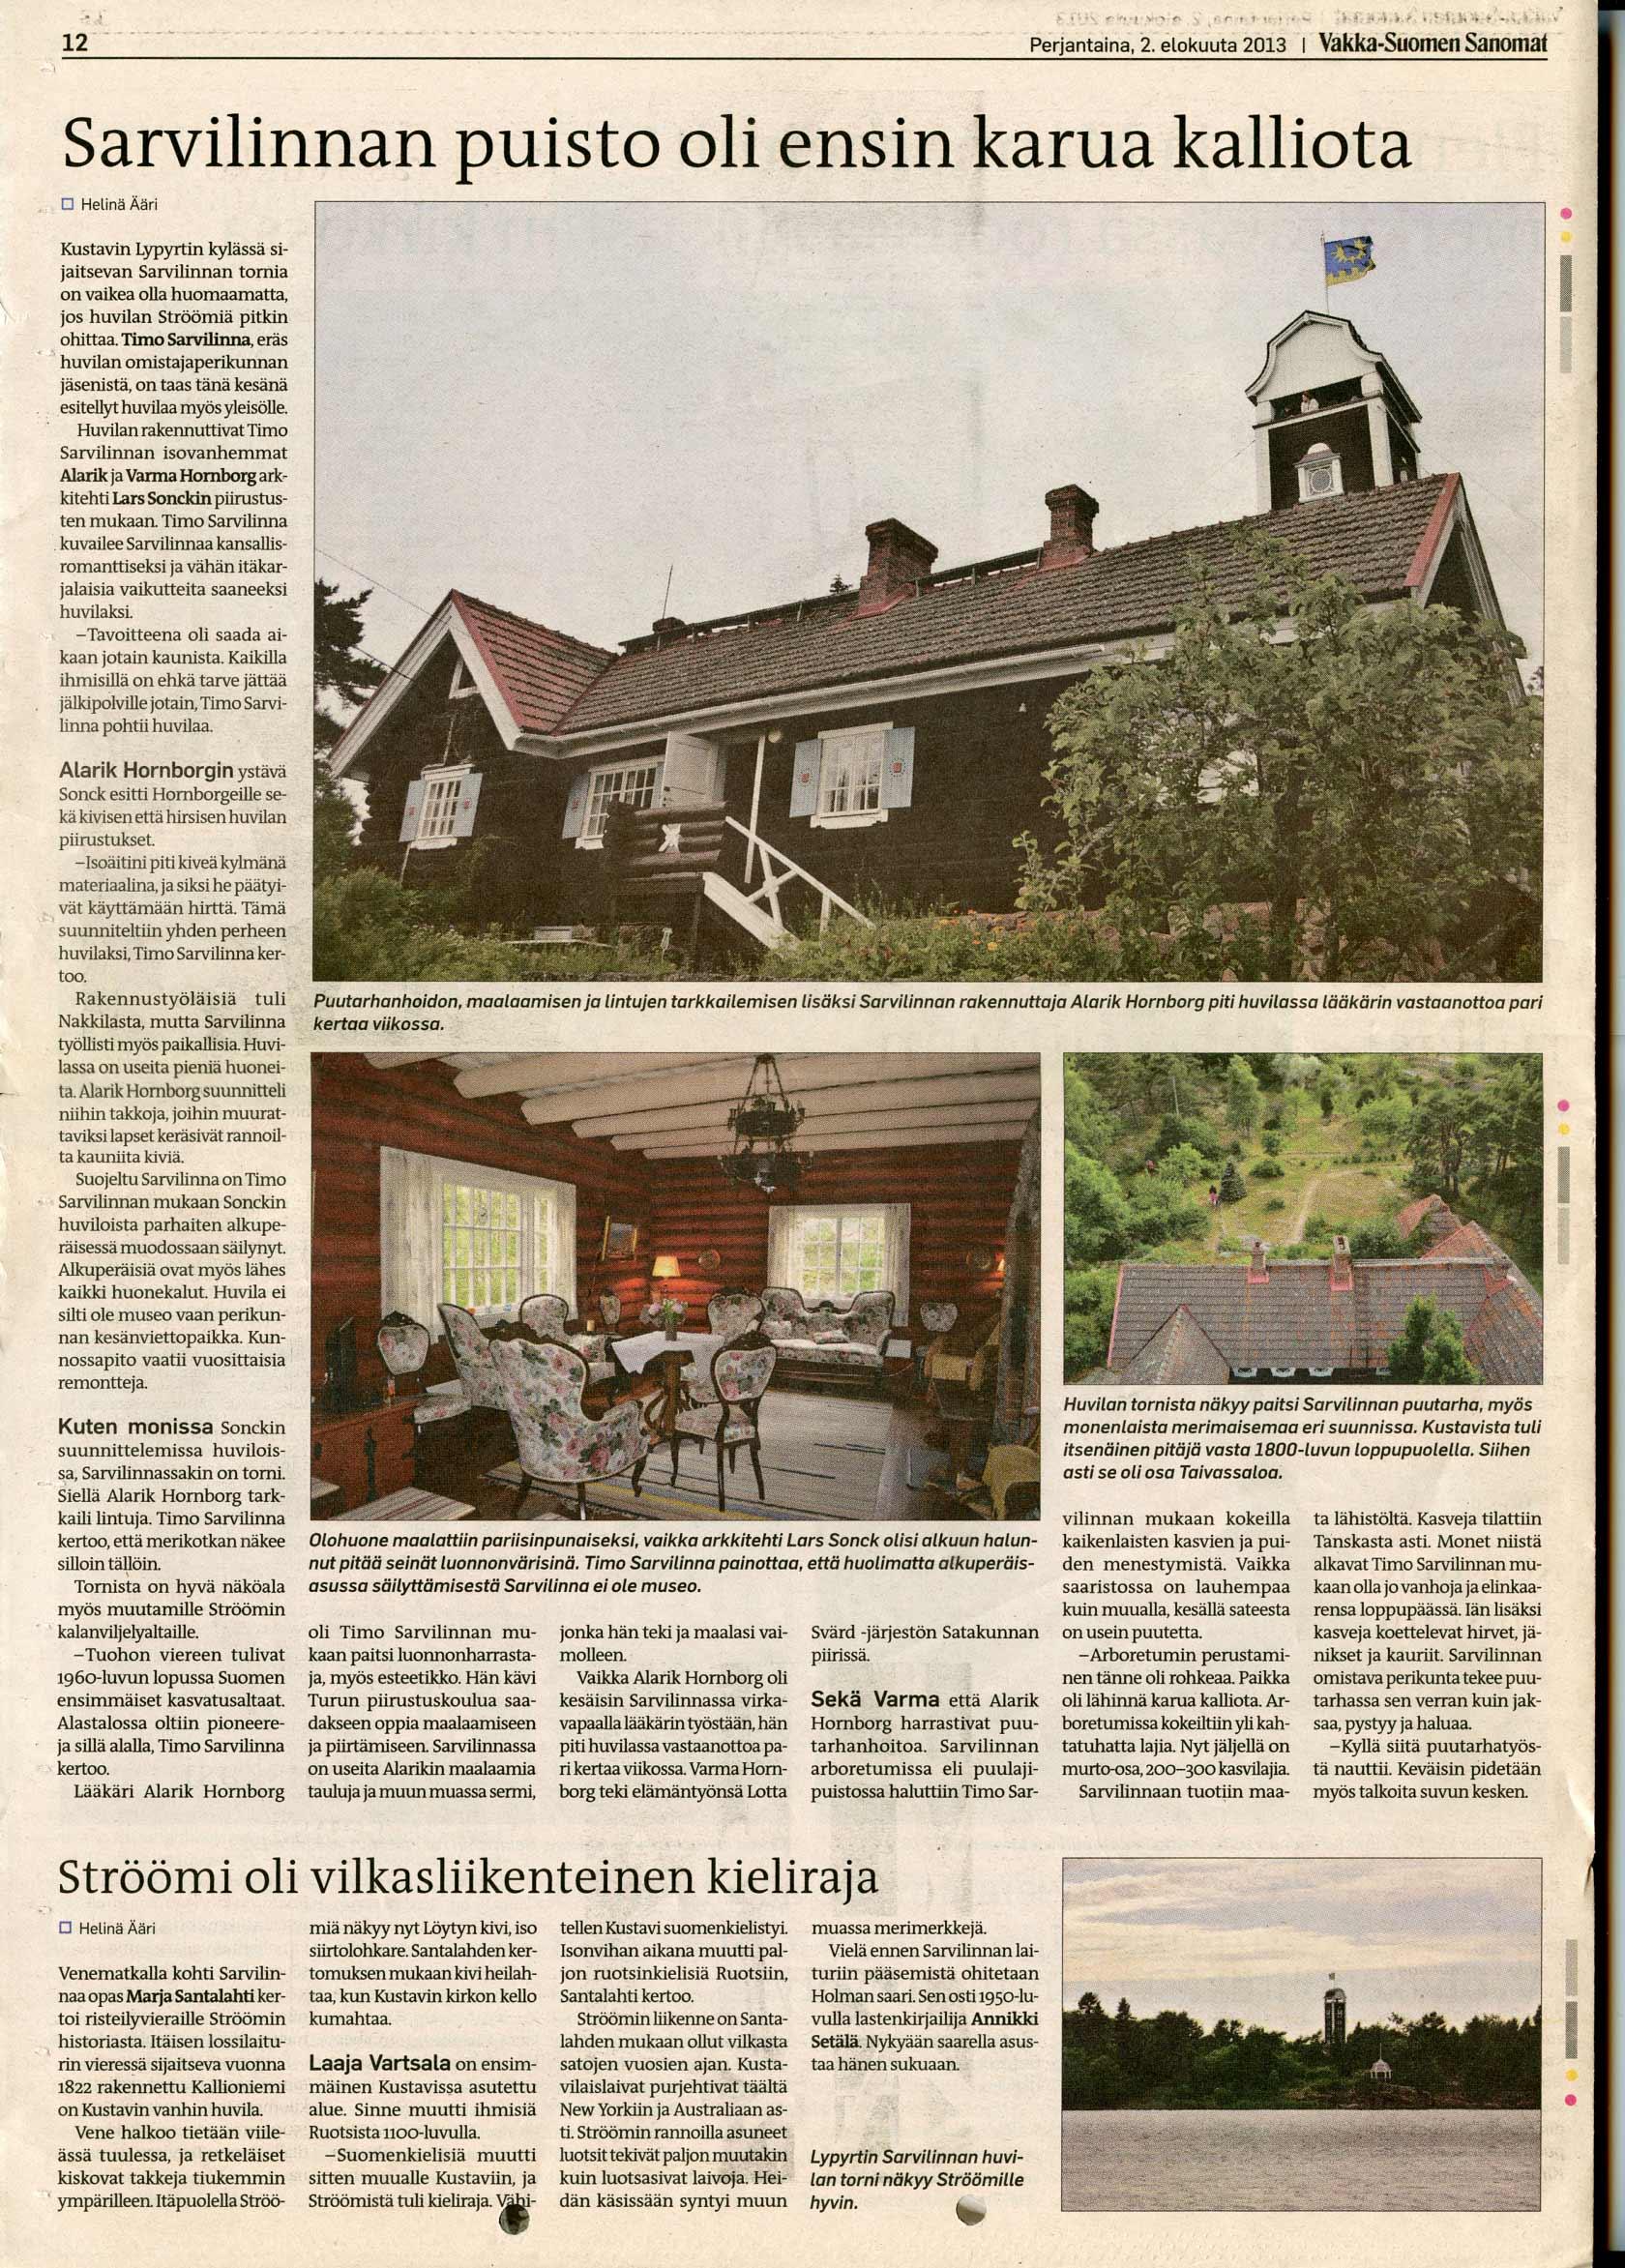 Vakka-Suomen Sanomat 2.8.2013